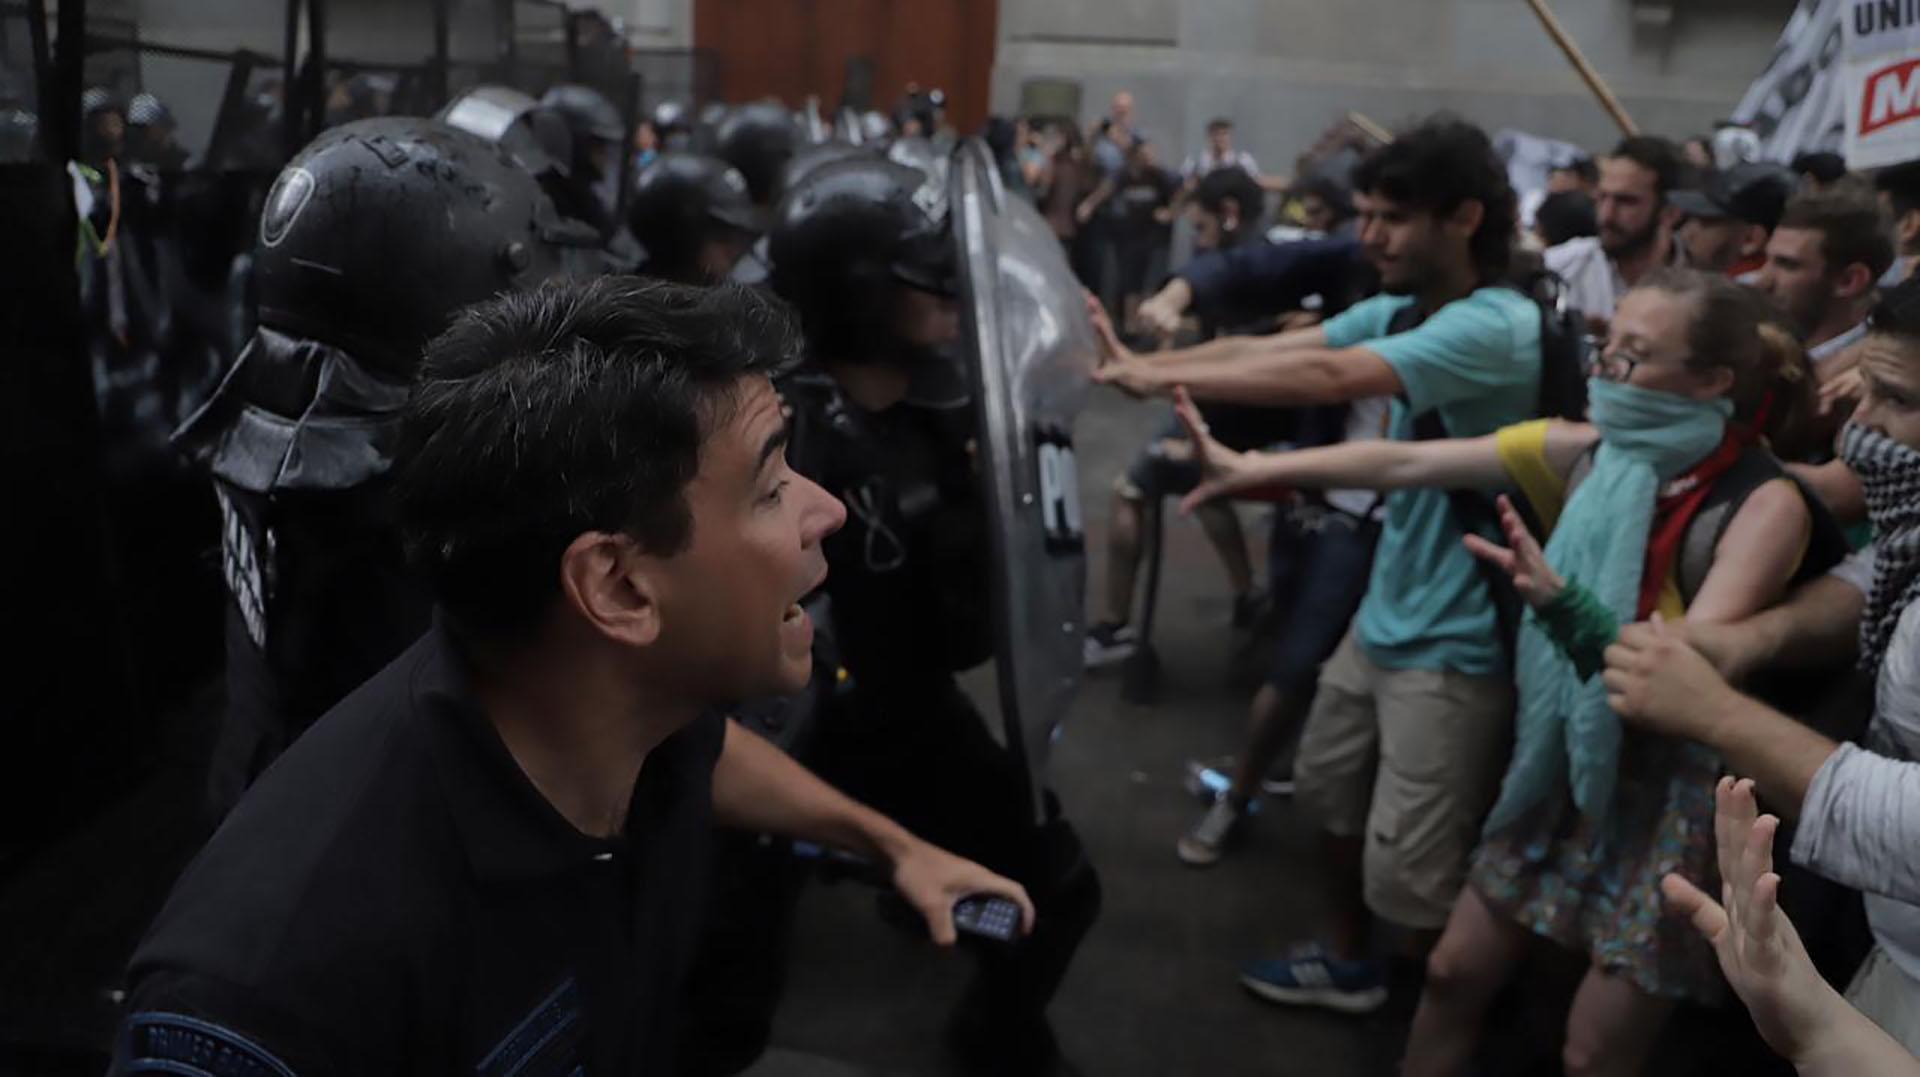 El debate en el recinto se desarrolla con un clima hostil en las calles que era previsible